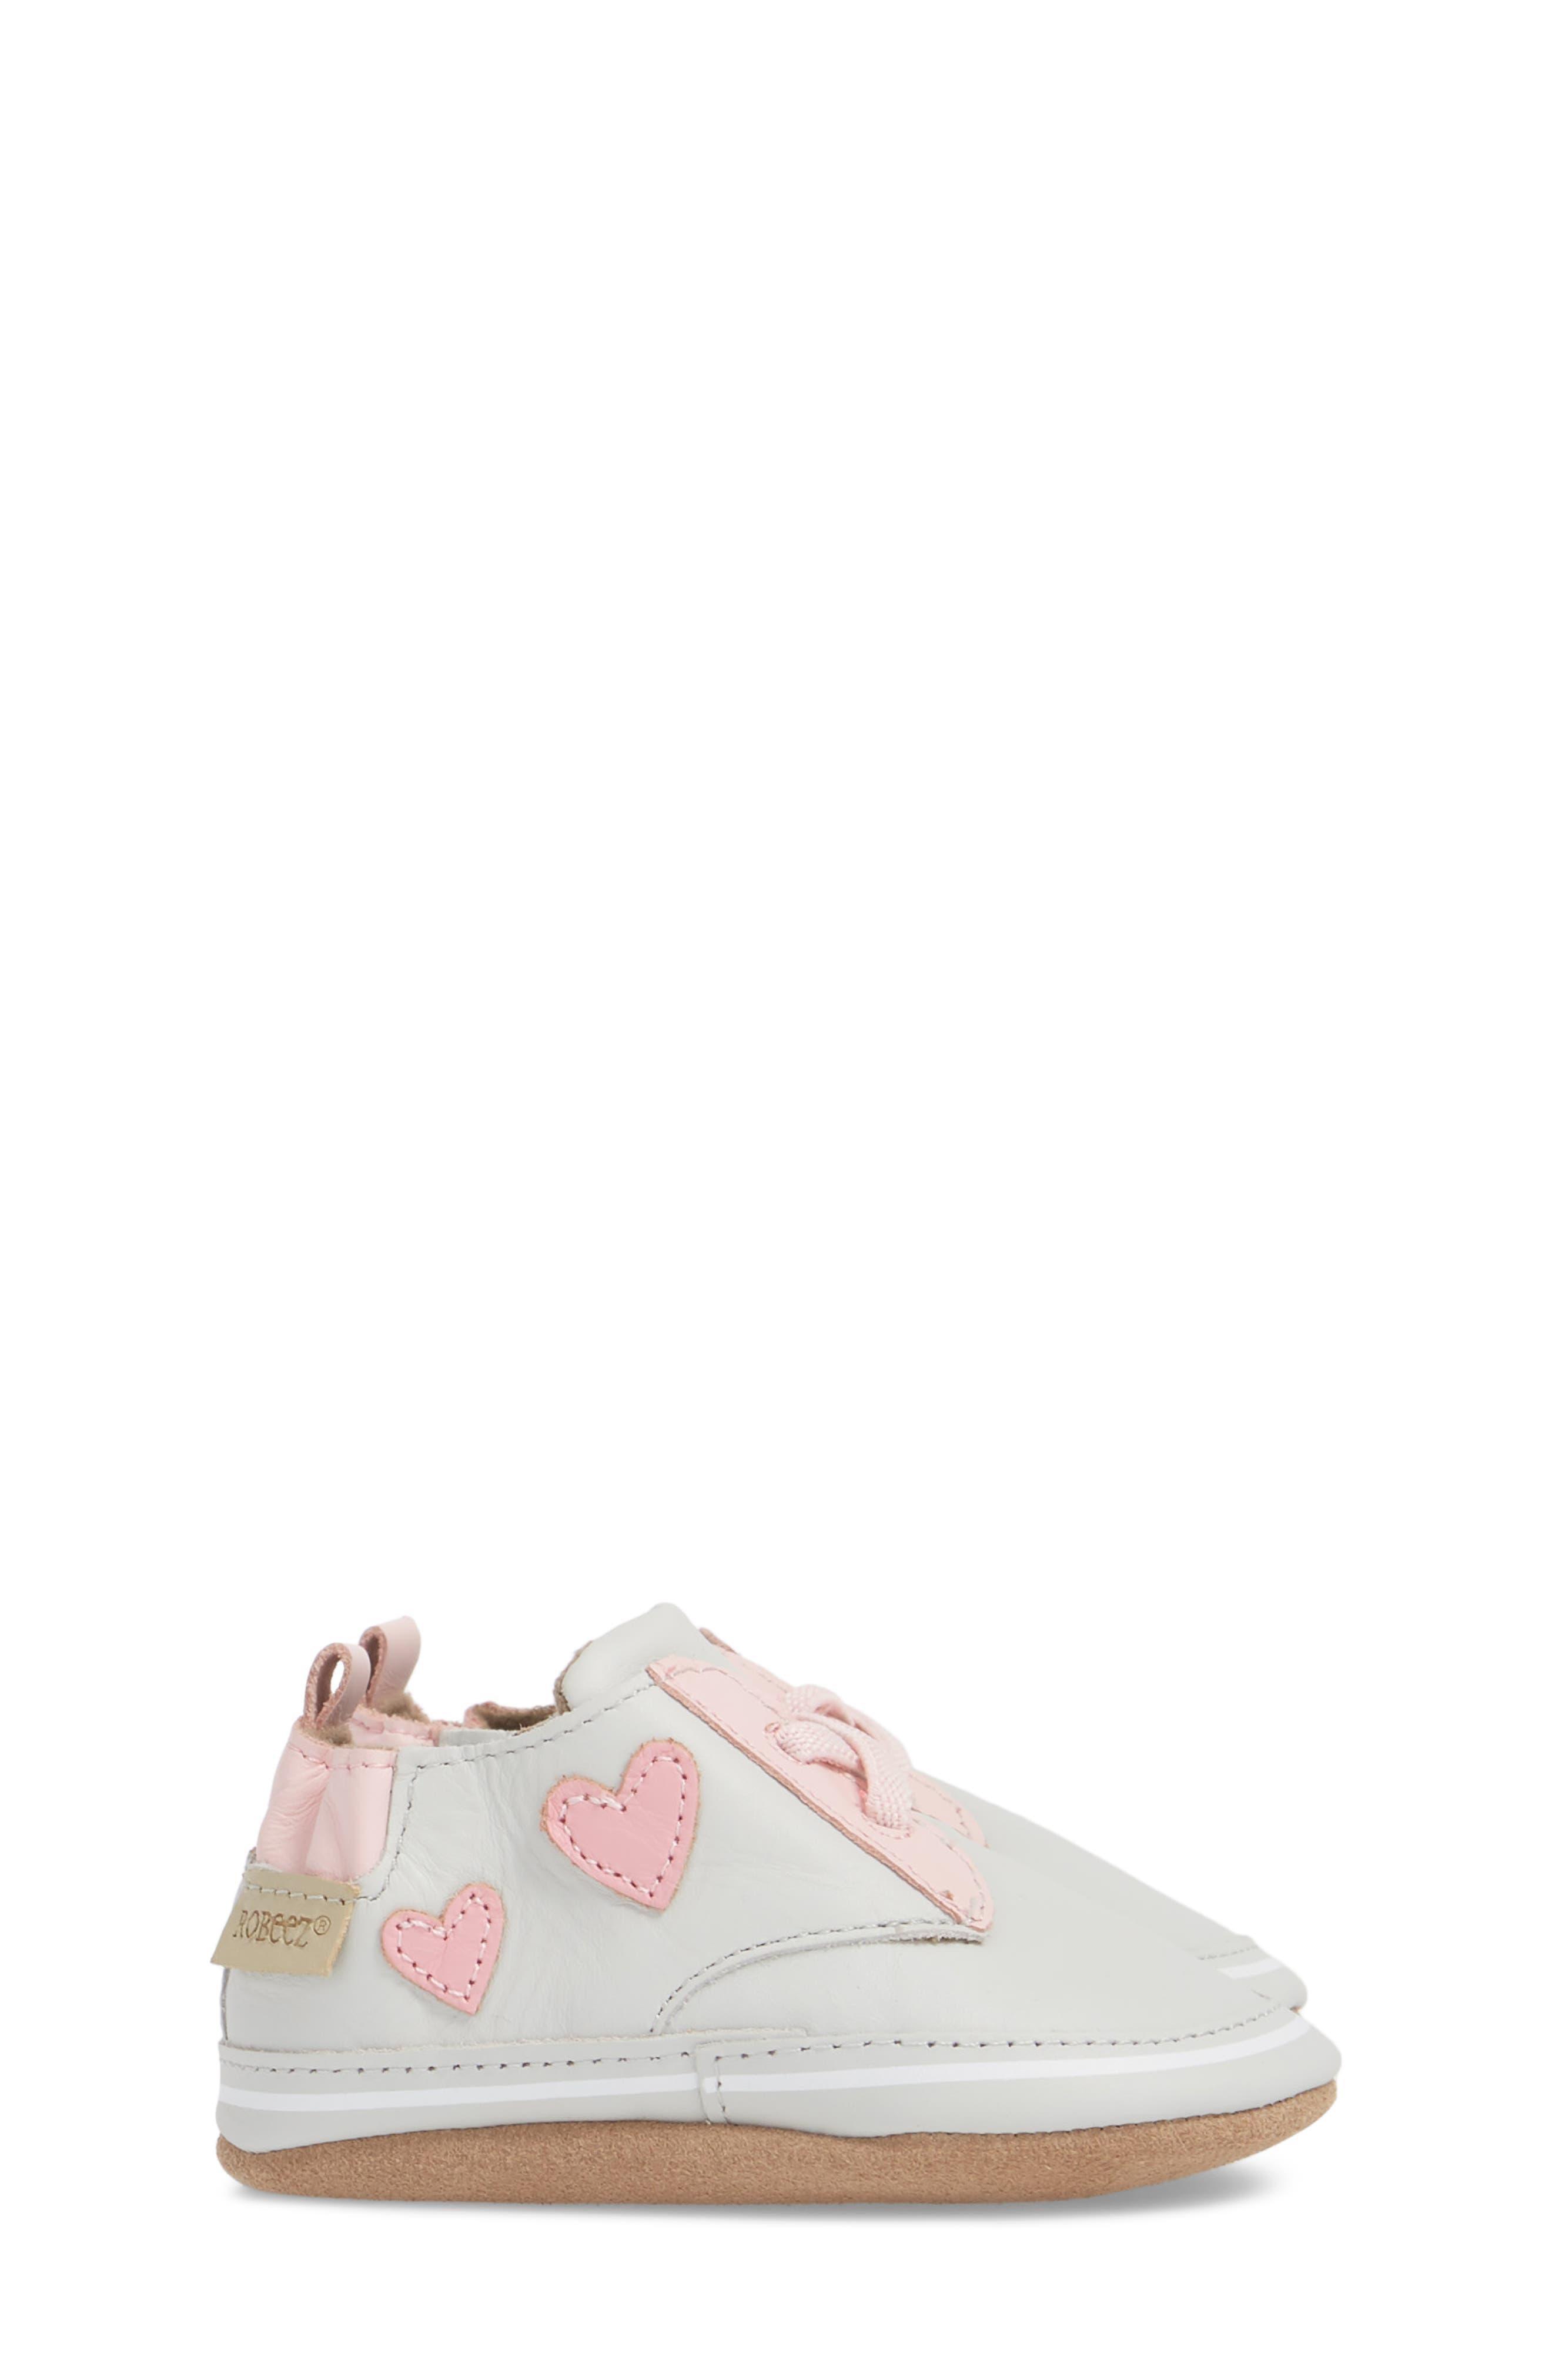 Heartbreaker Slip-On Crib Sneaker,                             Alternate thumbnail 4, color,                             Light Grey